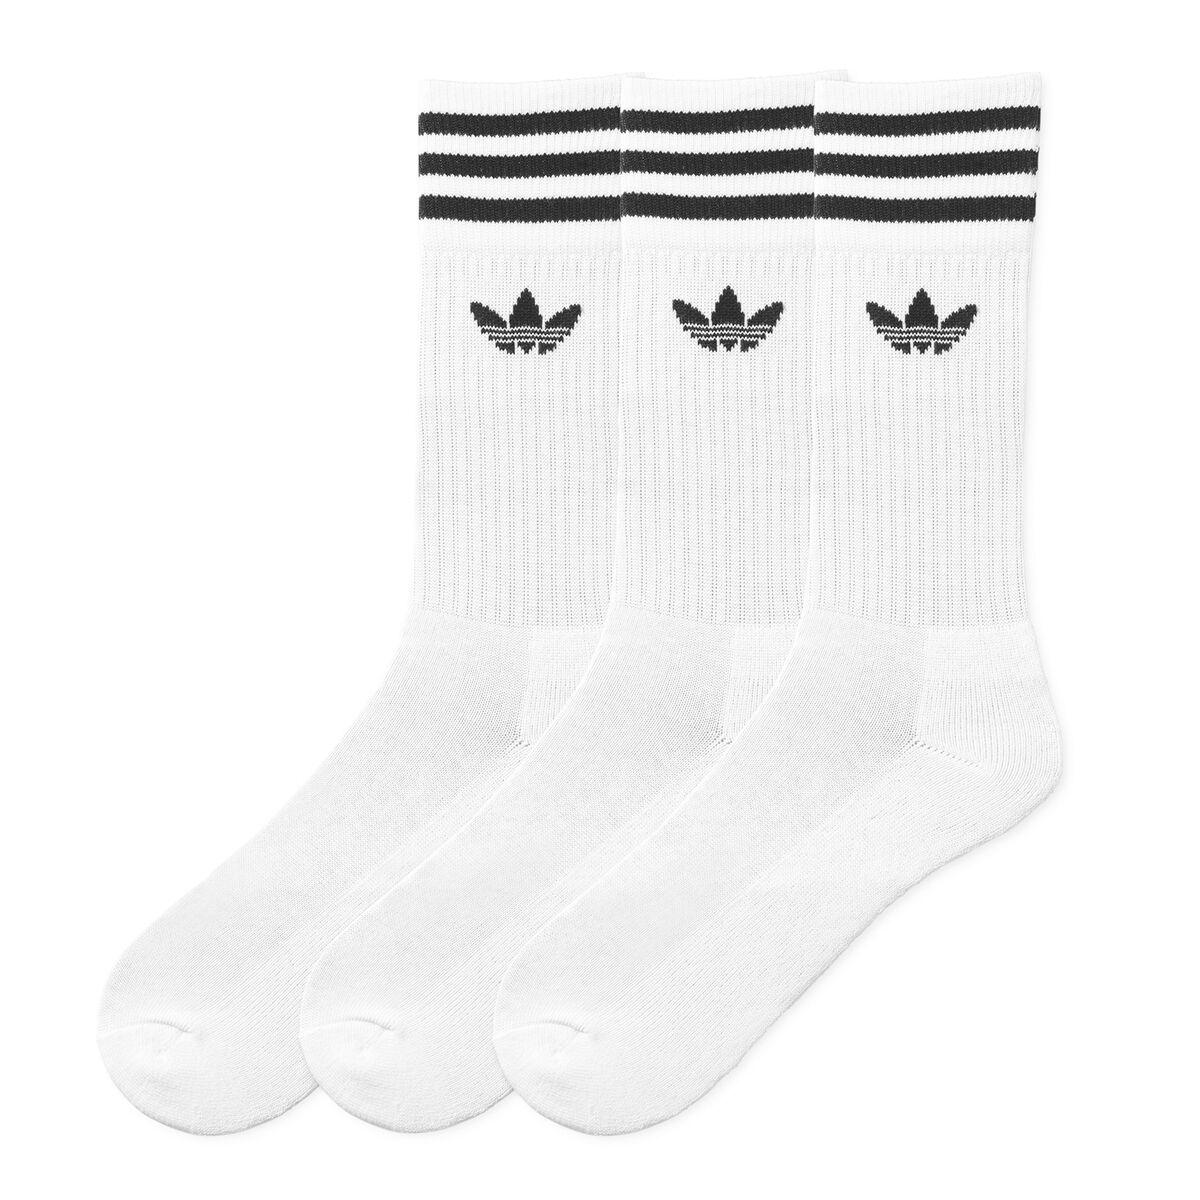 adidas Originals Lot de 3 paires de chaussettes hautes